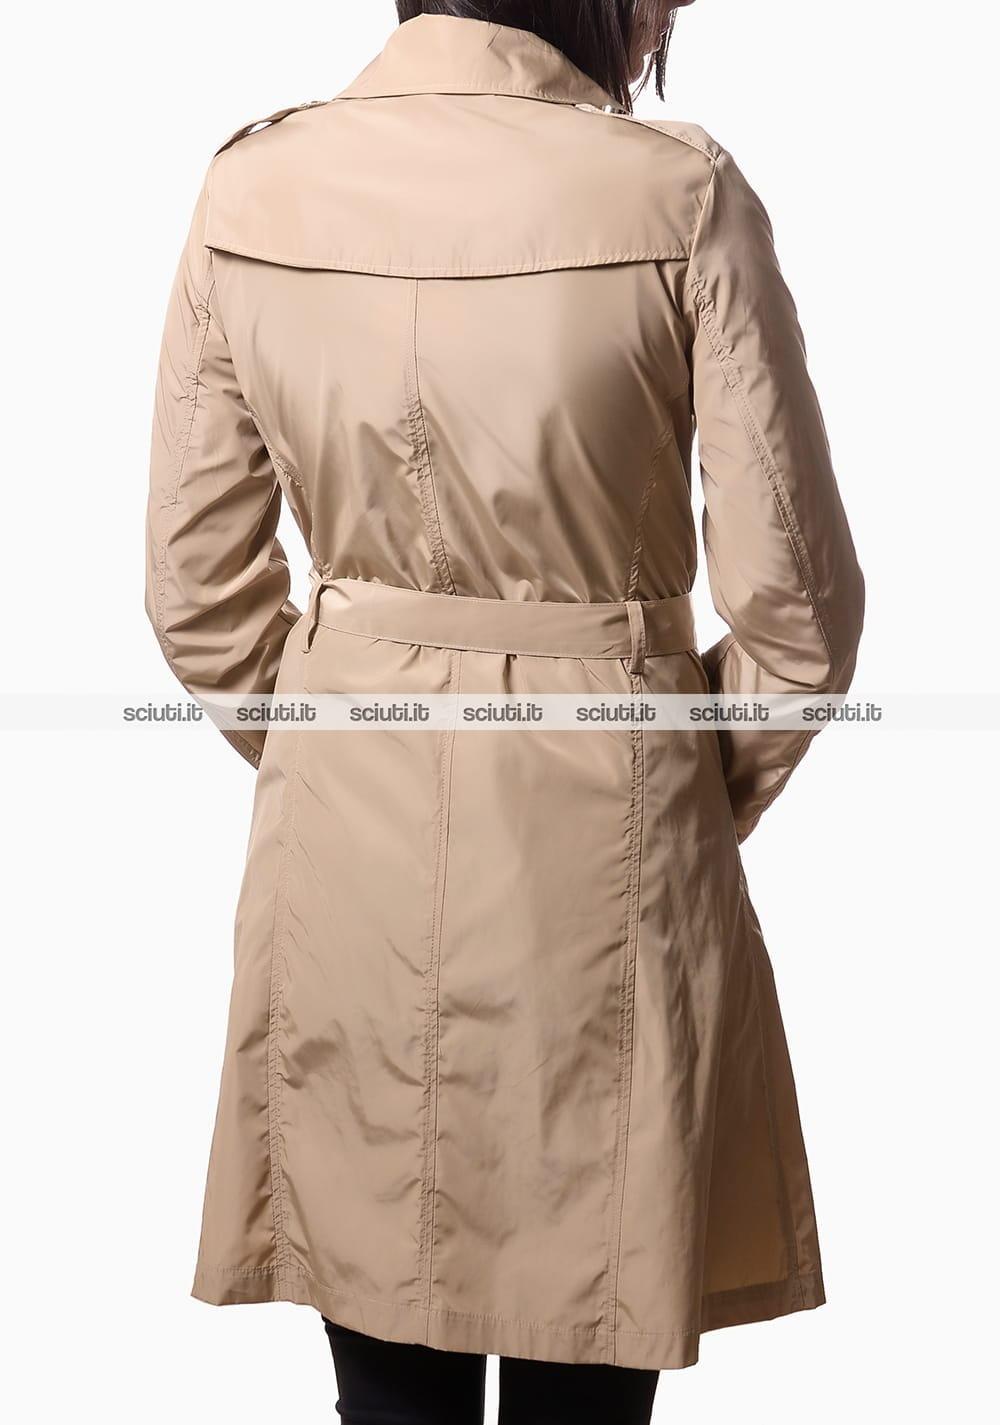 finest selection 6103a c4868 Trench Liu Jo donna con chiusura asimmetrica beige | Sciuti.it